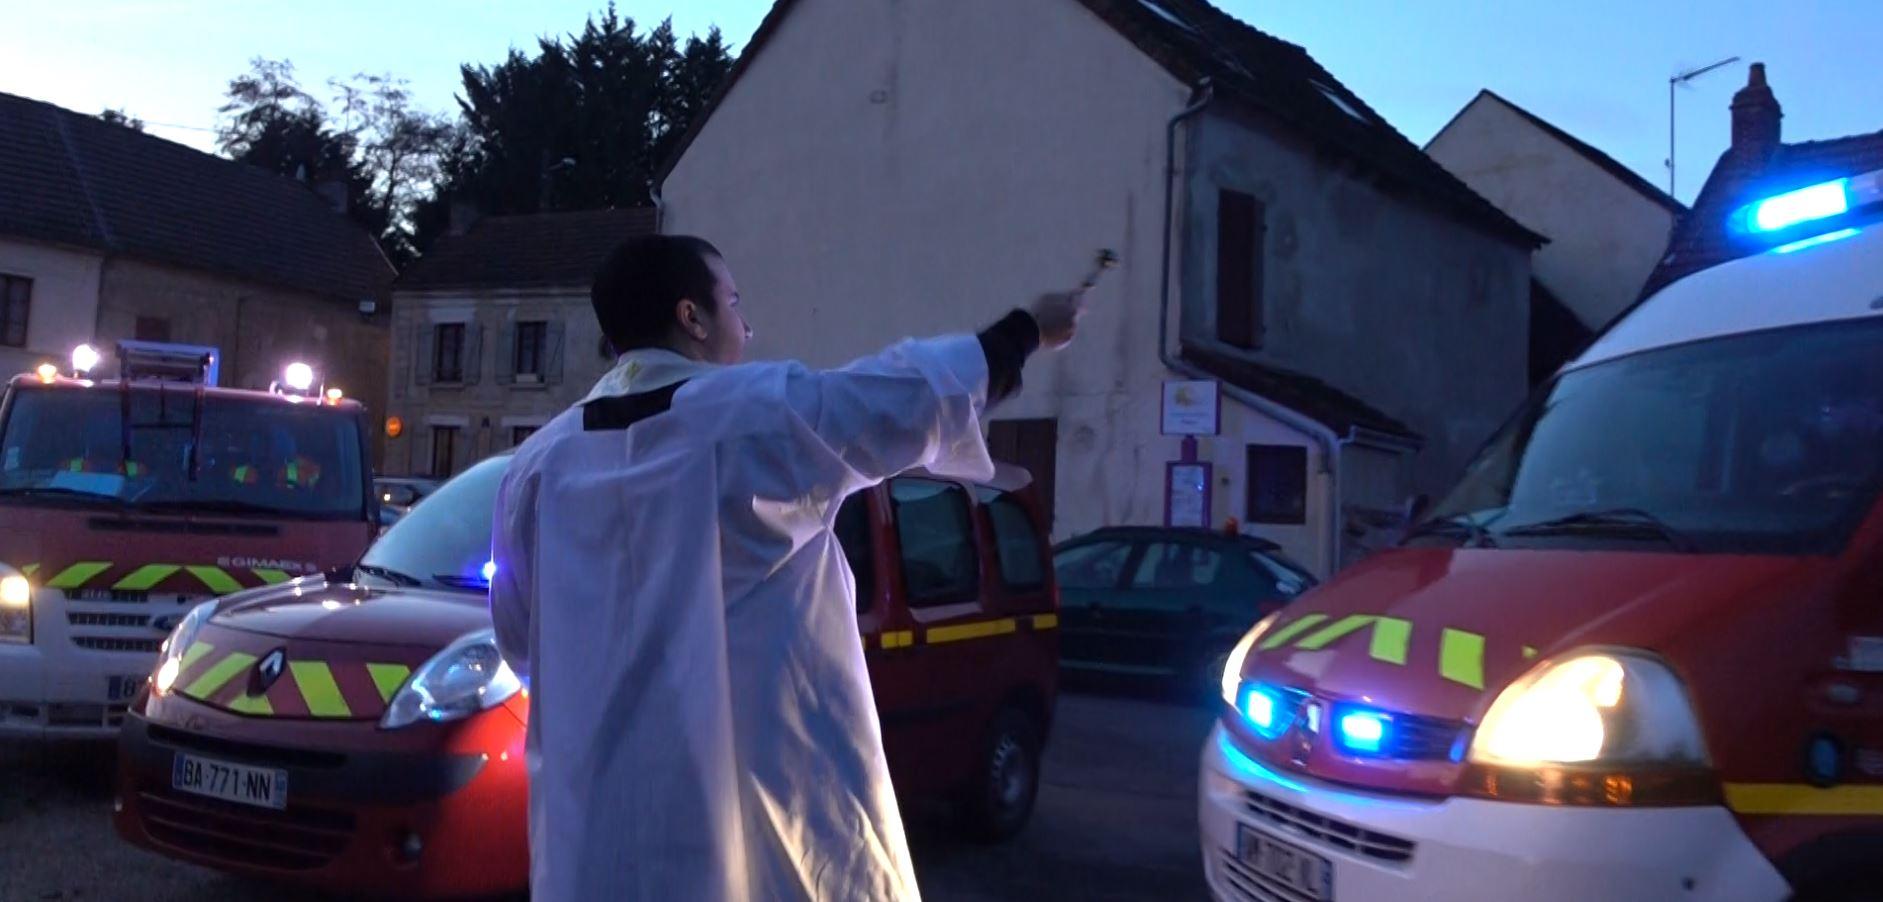 Les pompiers partis en intervention sont revenus quelques secondes avant la bénédiction des véhicules par le vicaire Jean-Christophe Bonnemain.